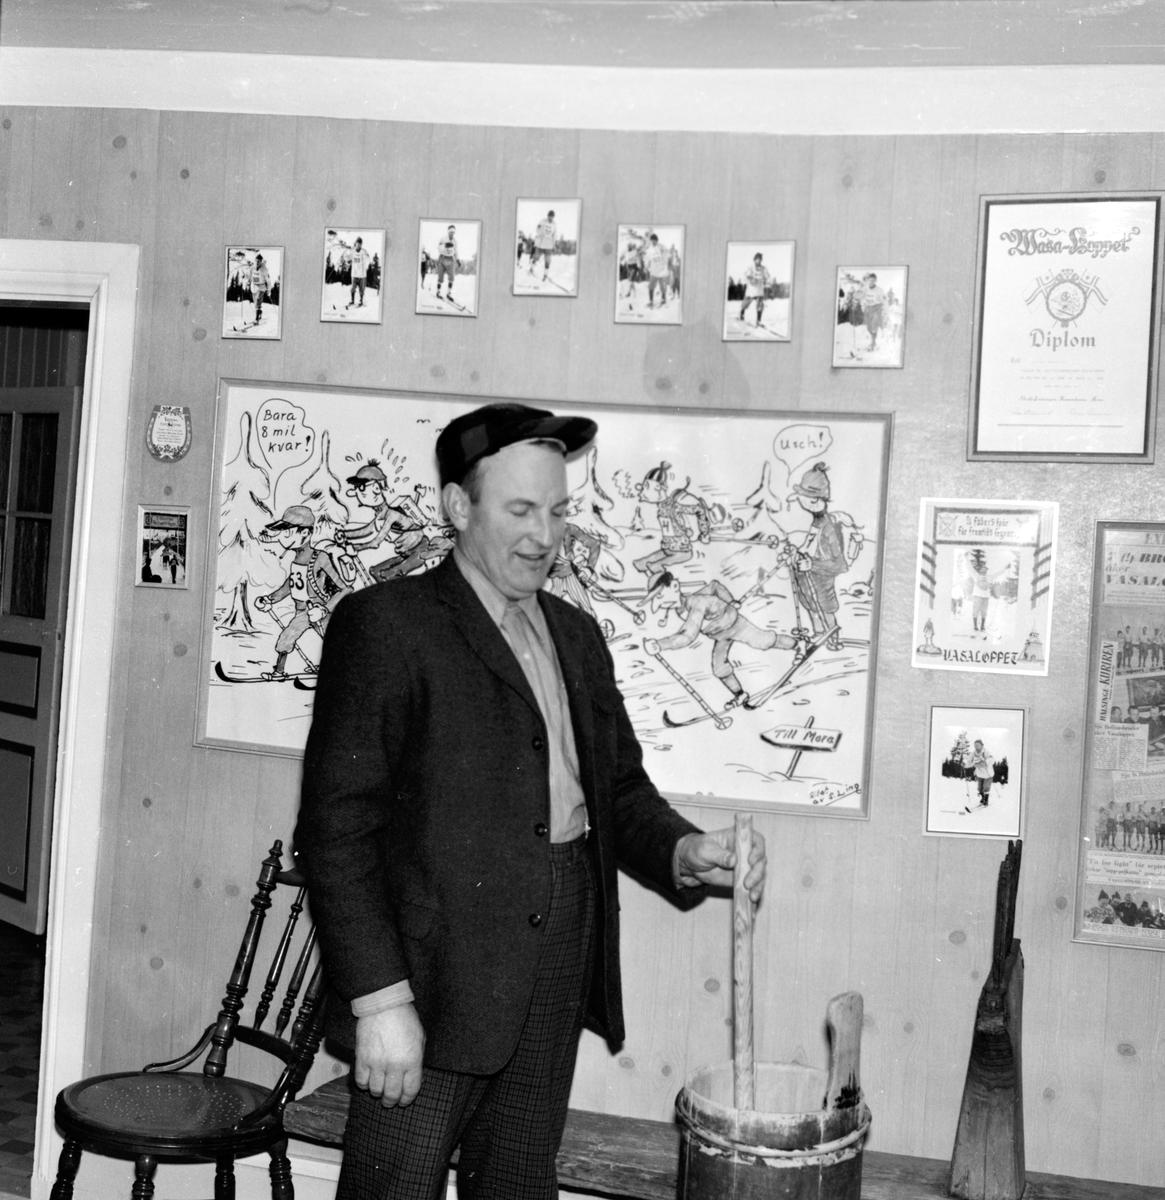 Sörbo, Tupp Håkan i i radio, Dec. 1969